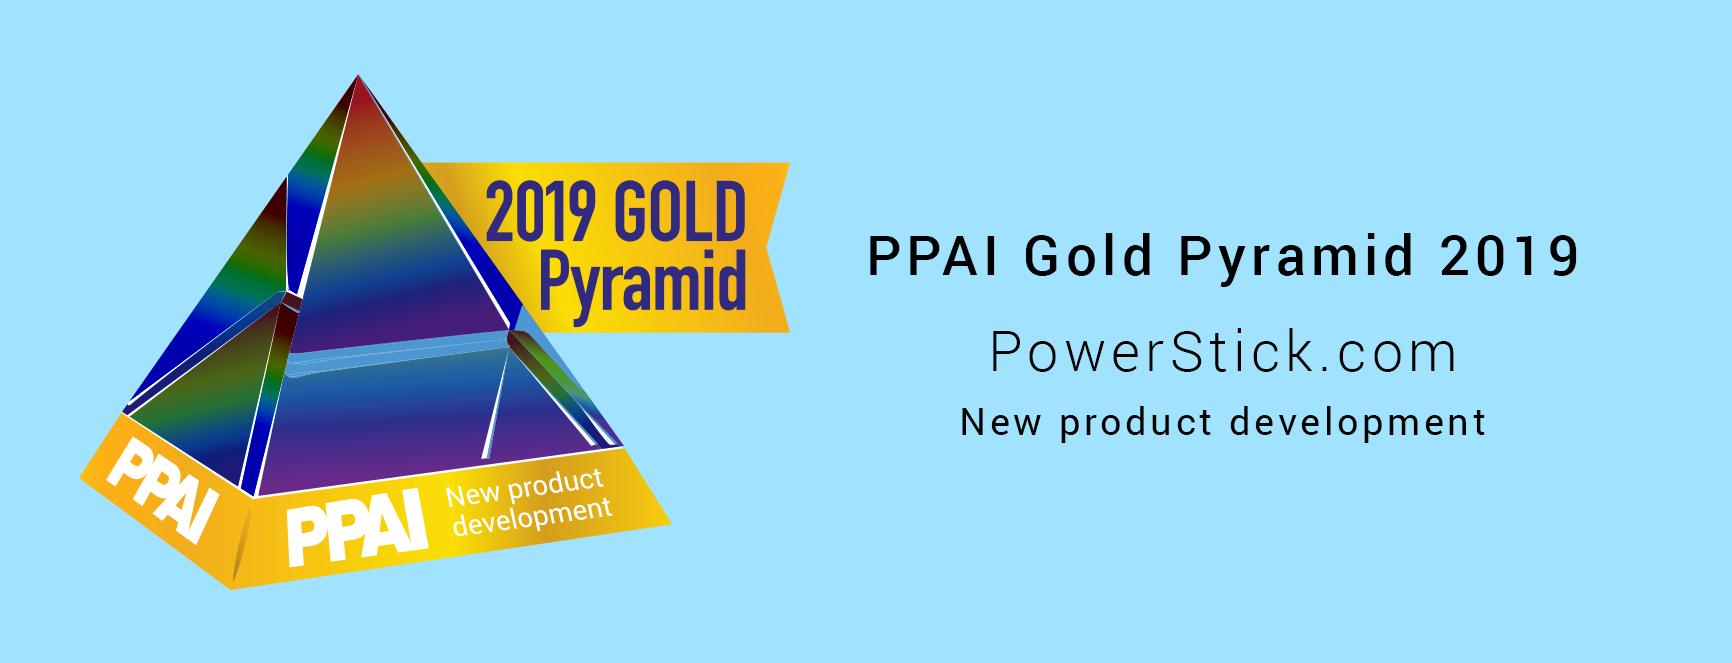 PPAI Gold Pyramid Award 2019